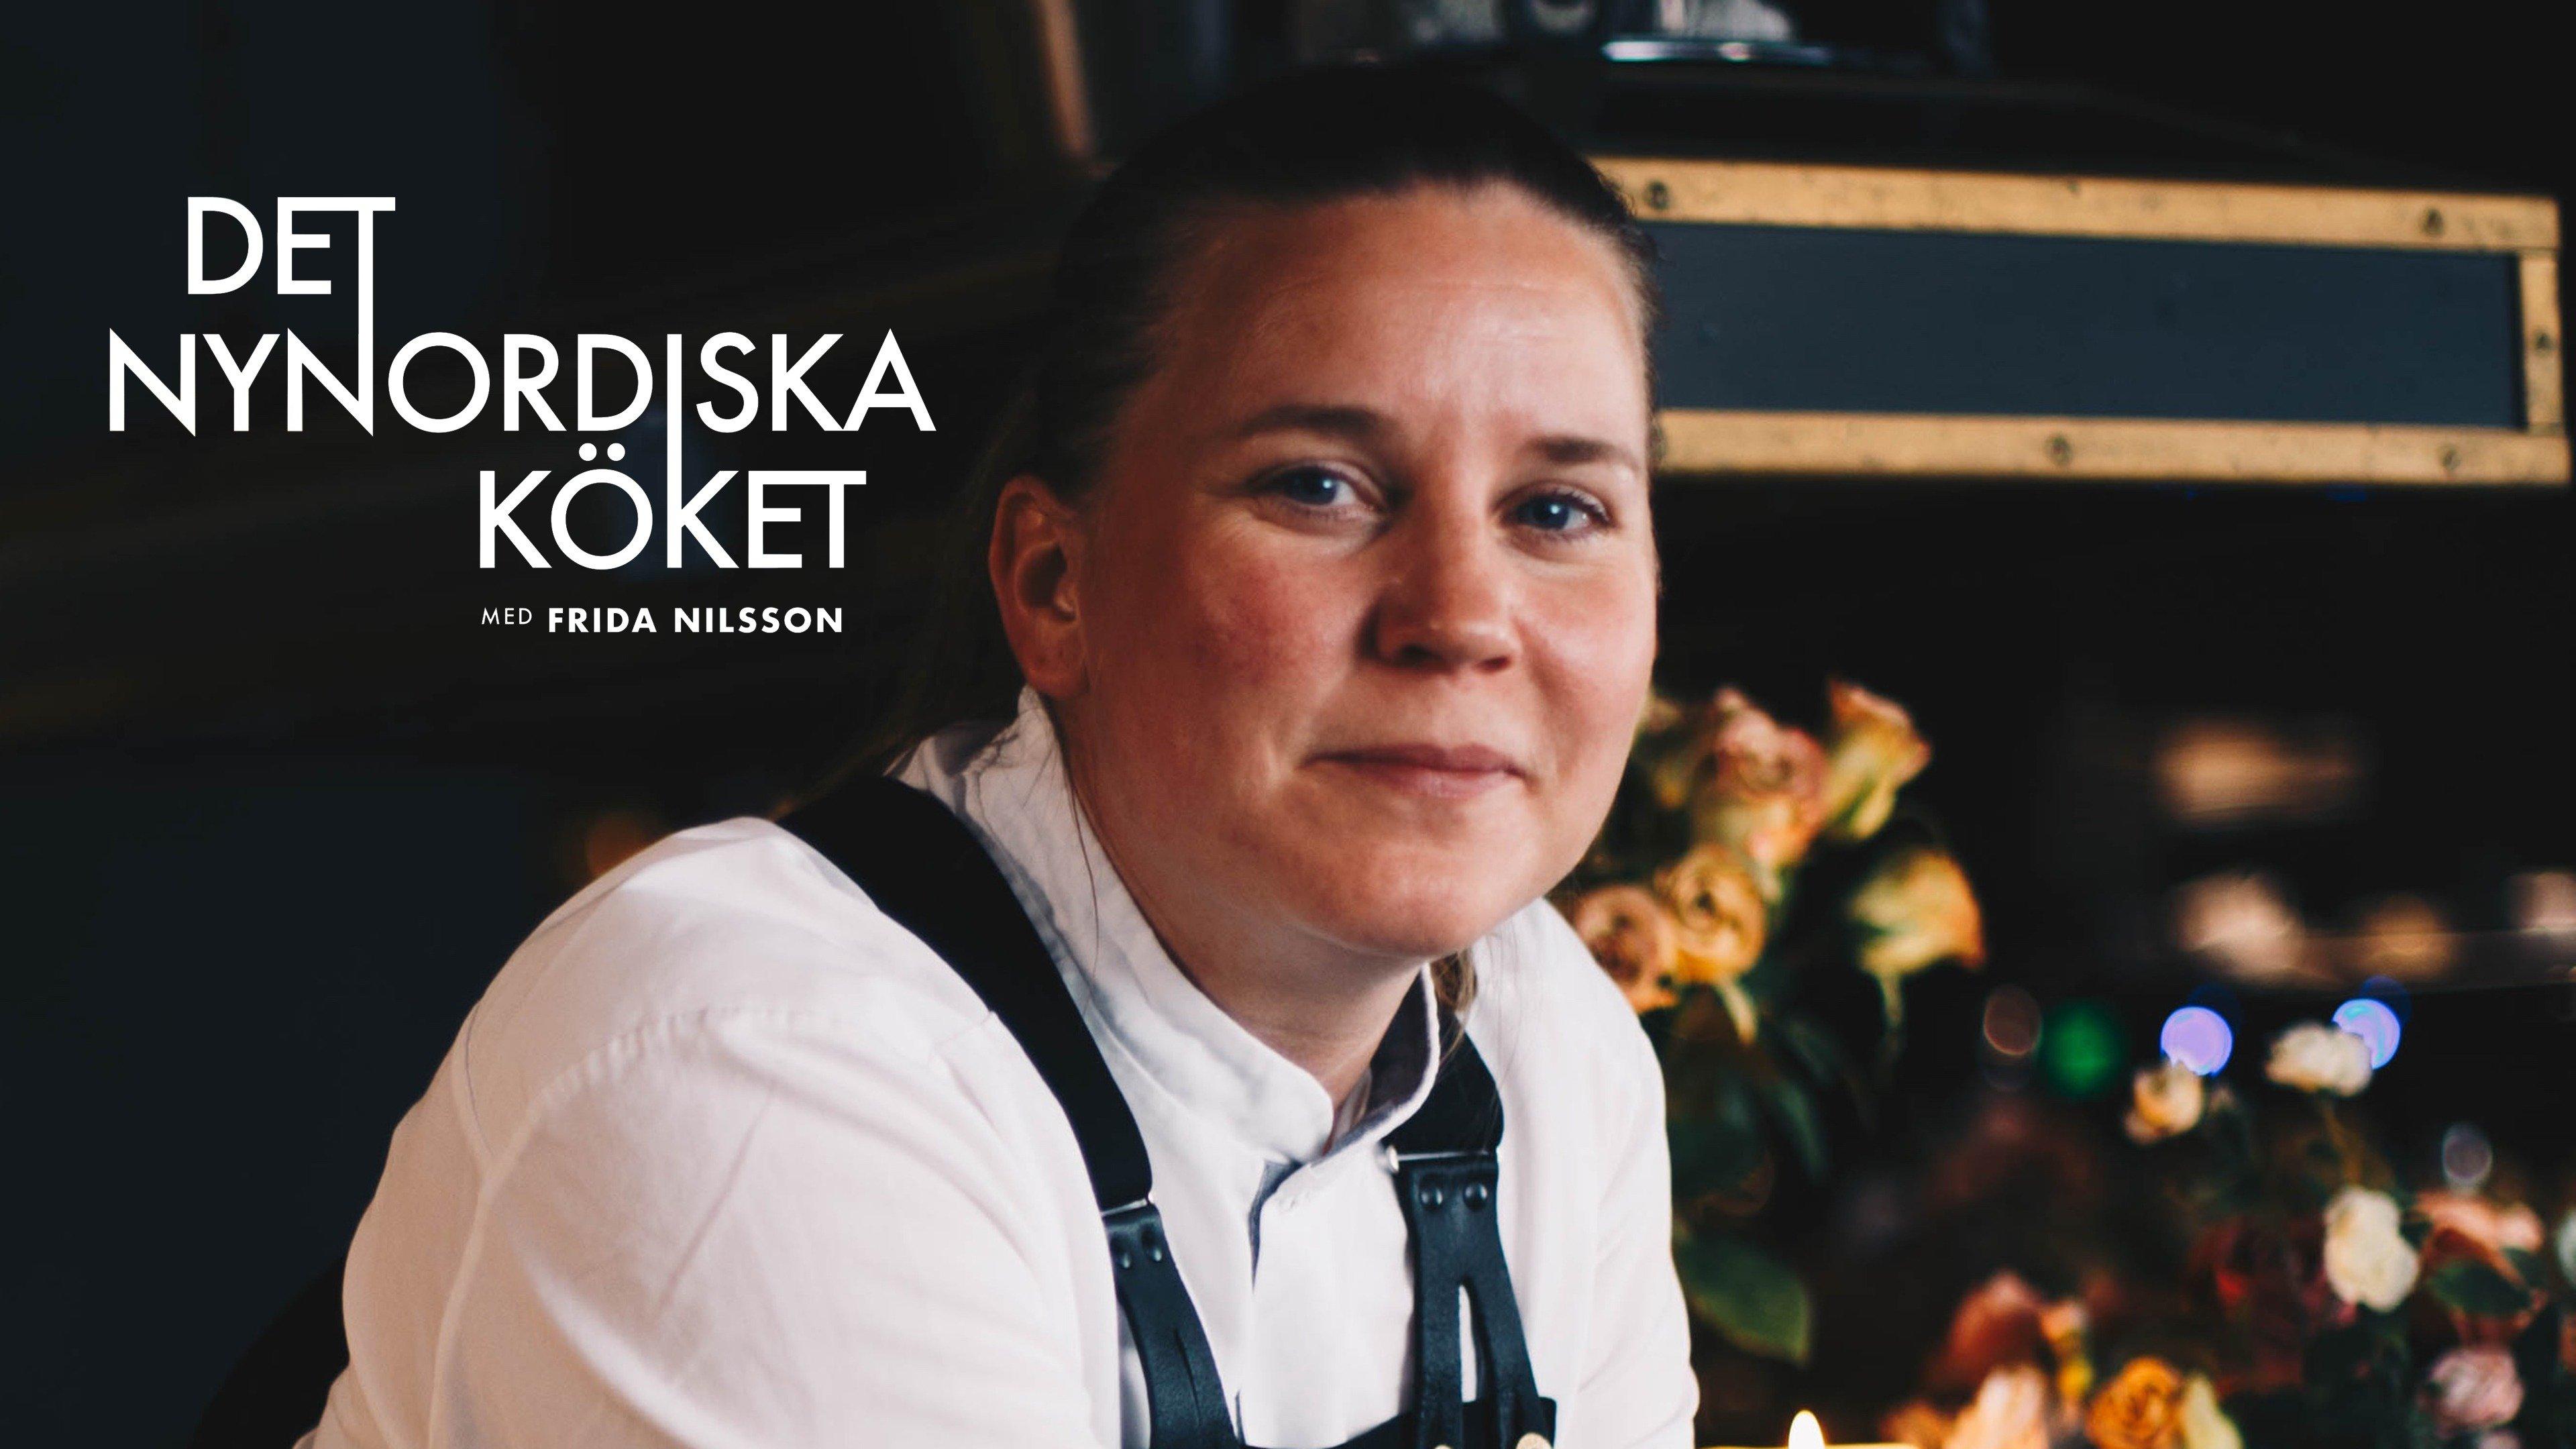 Det nynordiska köket med Frida Nilsson